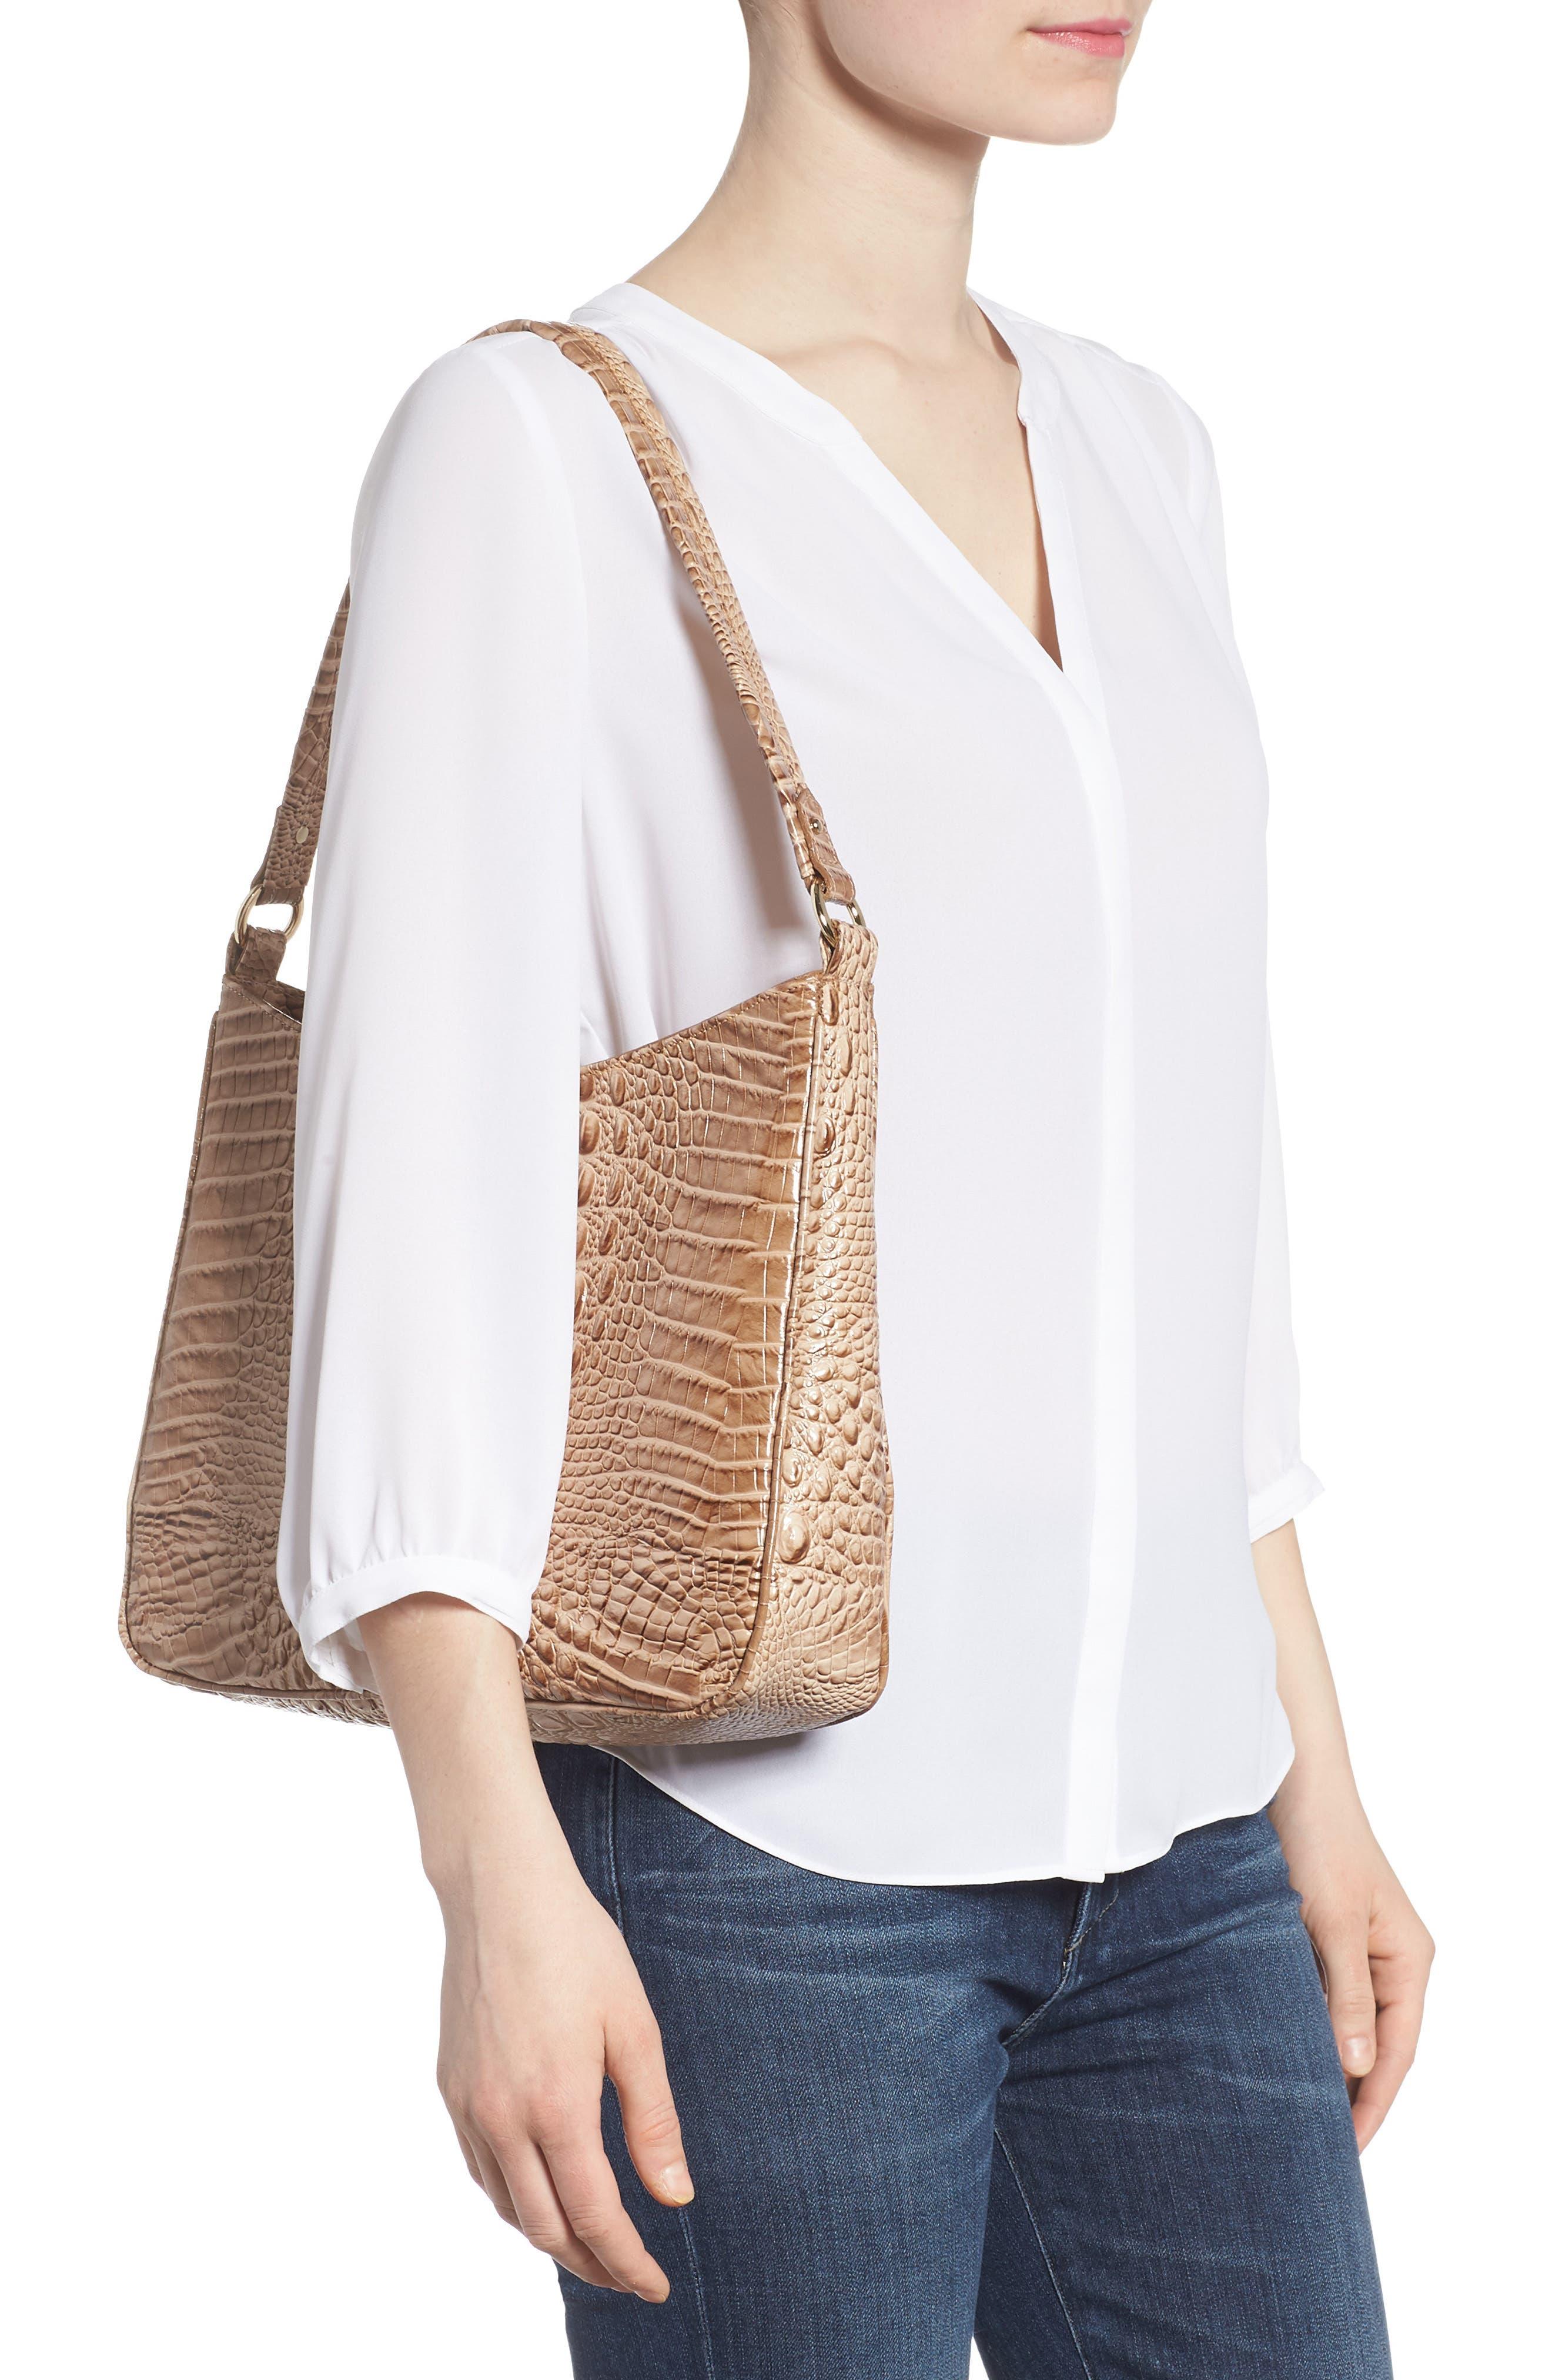 Nadia Croc Embossed Leather Shoulder Bag,                             Alternate thumbnail 2, color,                             250